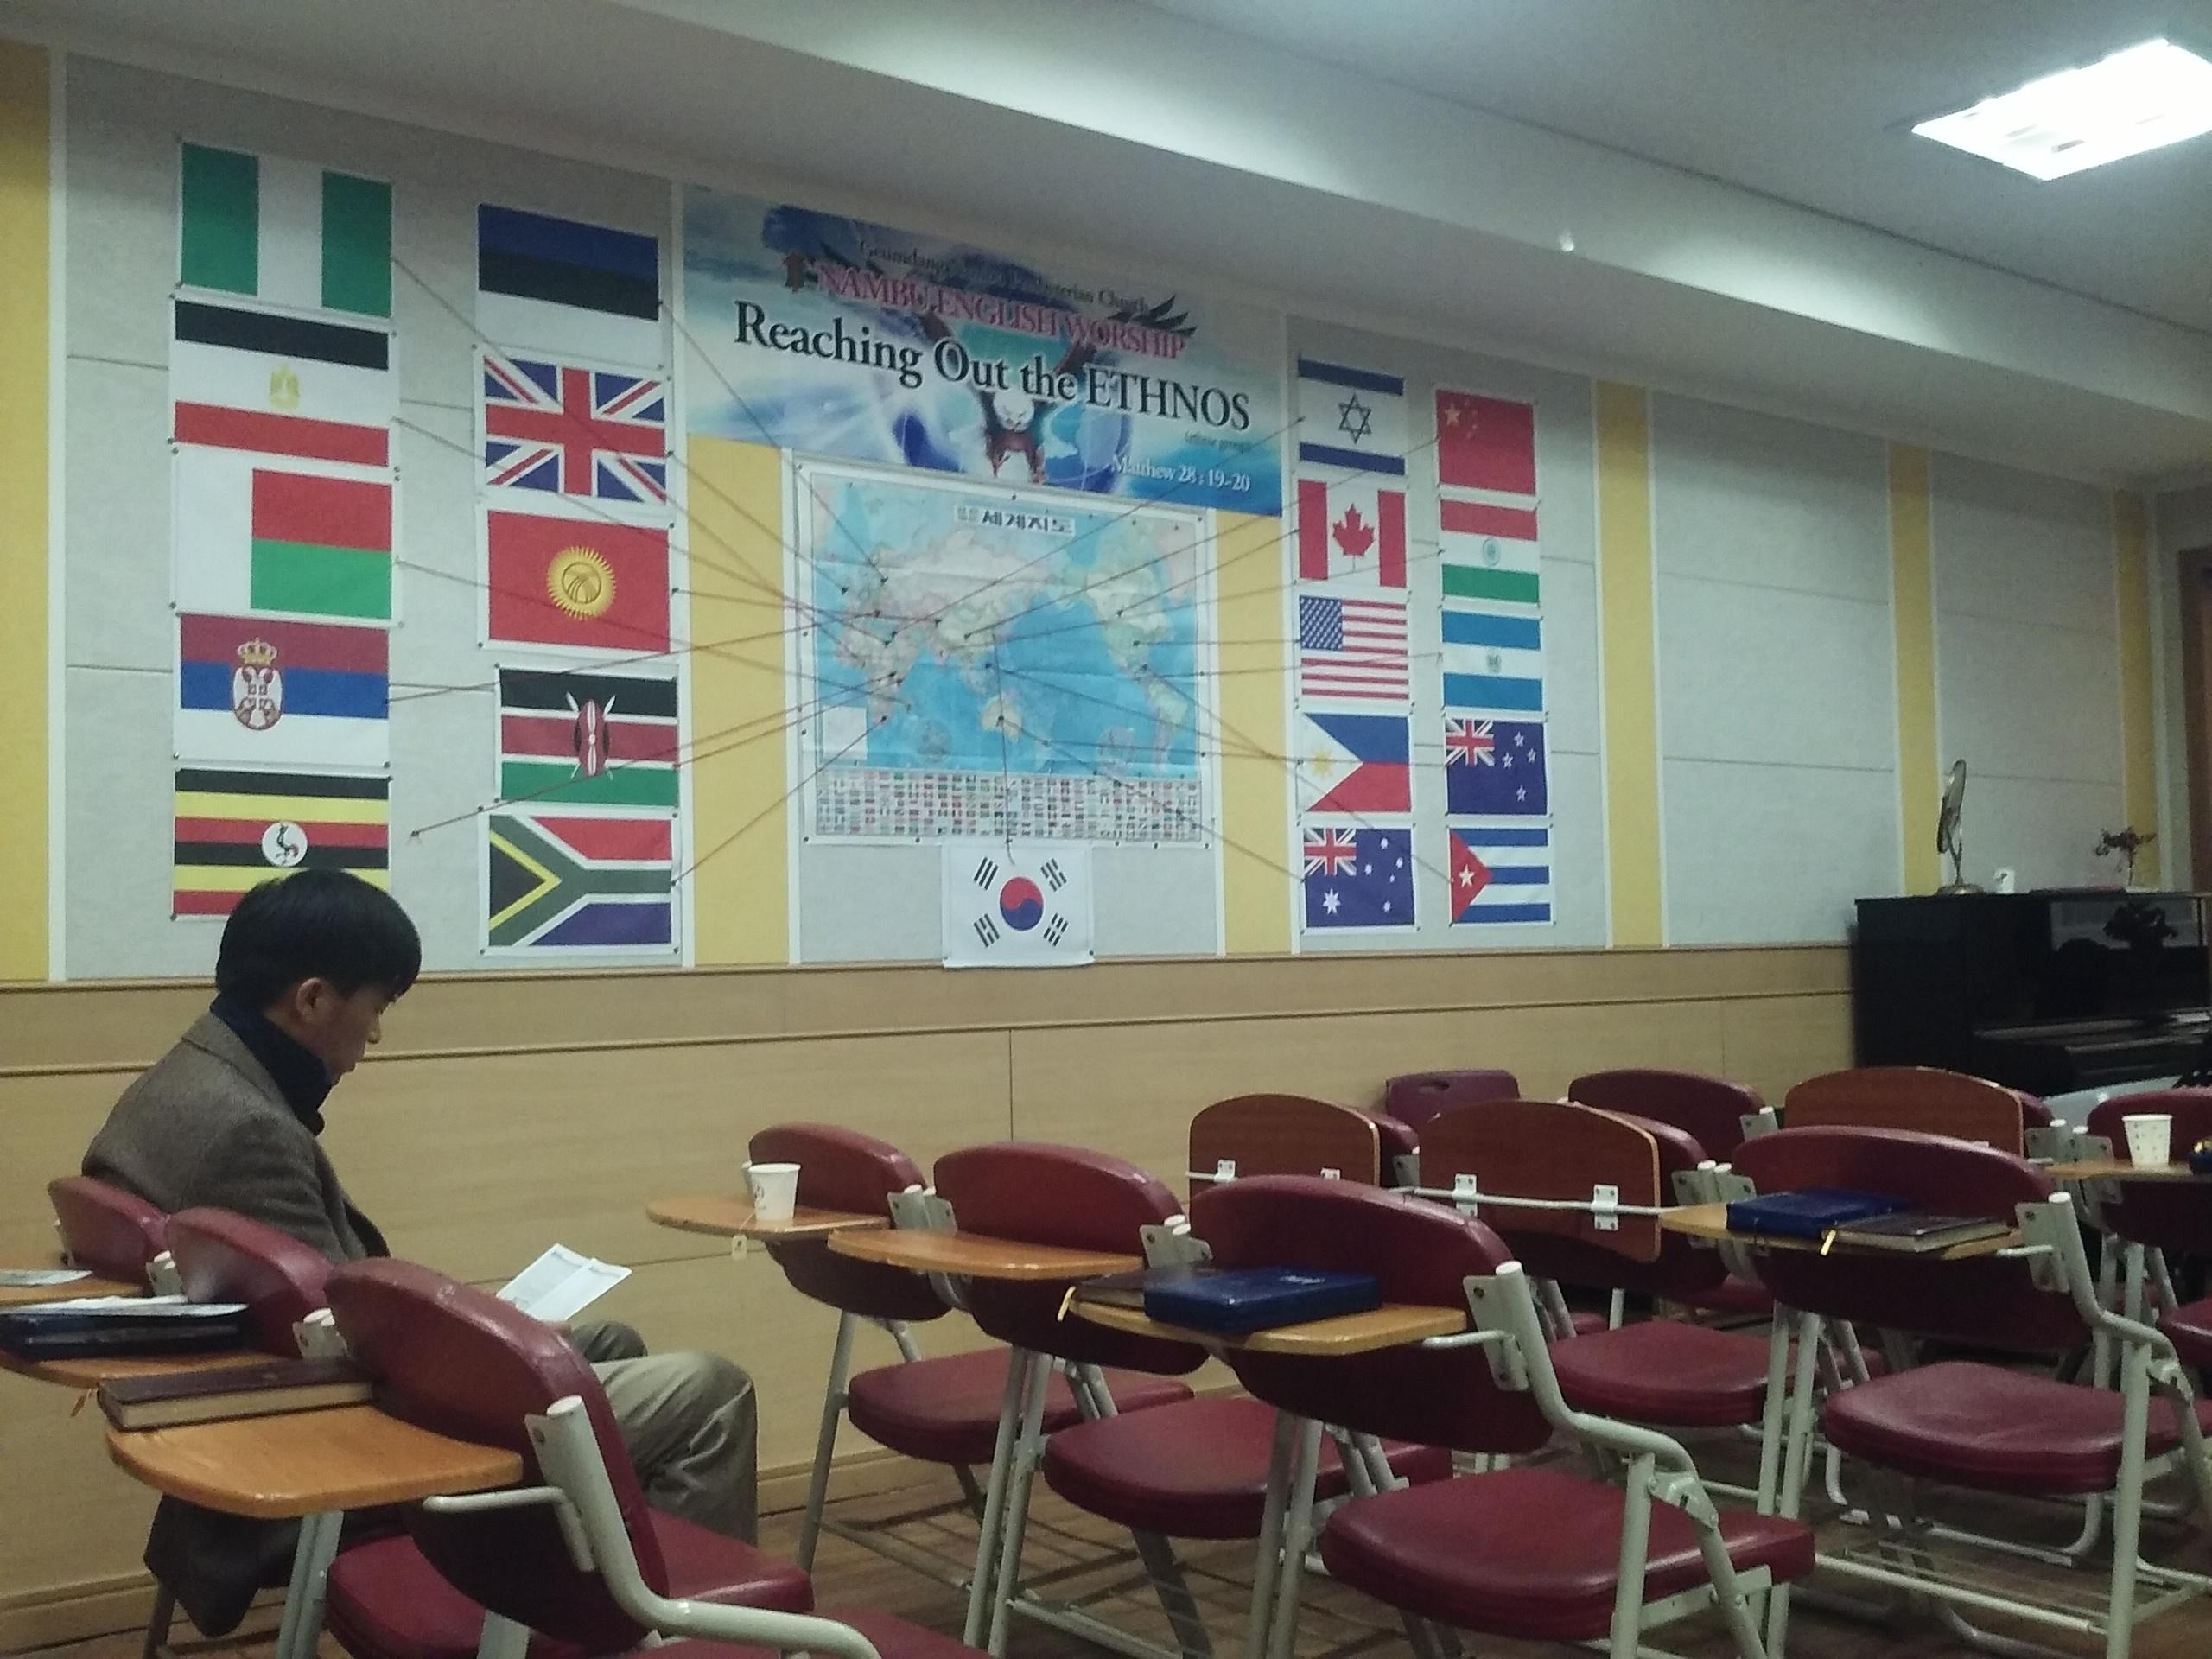 Mapa com as nações, na parede da Igreja.